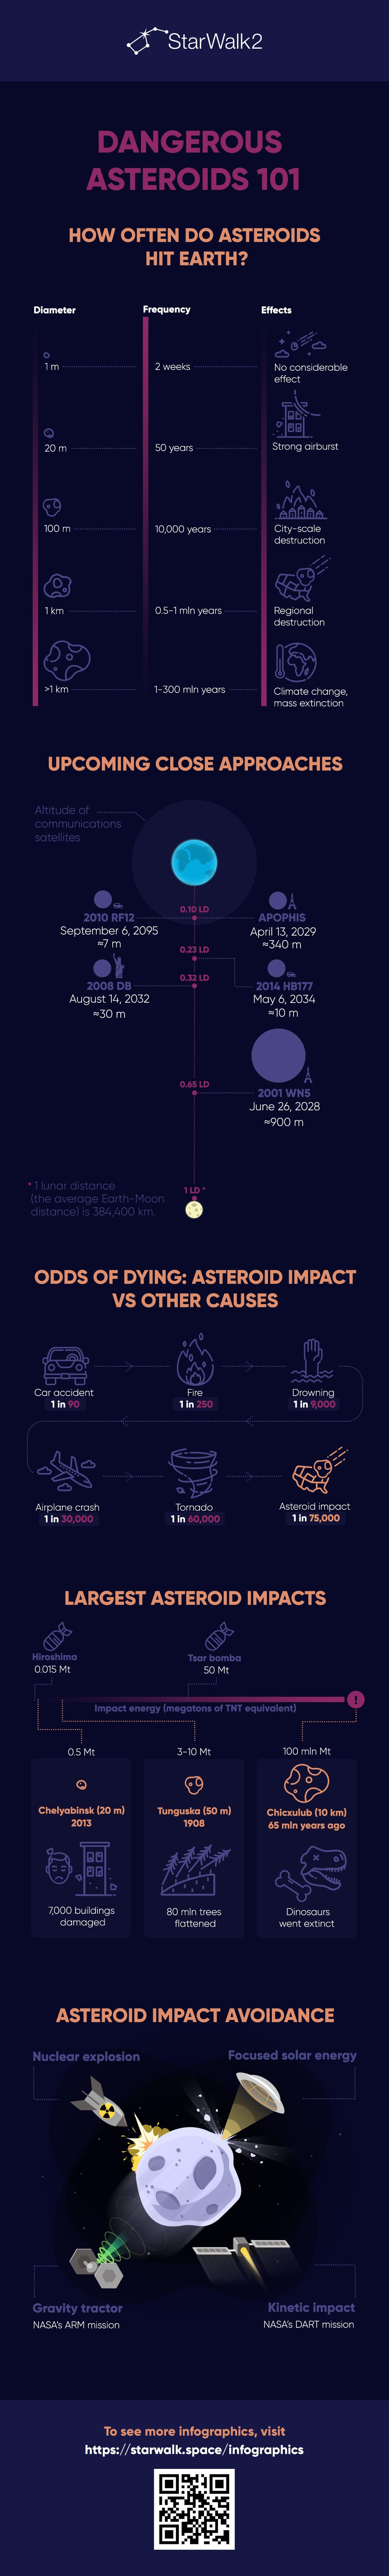 Dangerous Asteroids 101